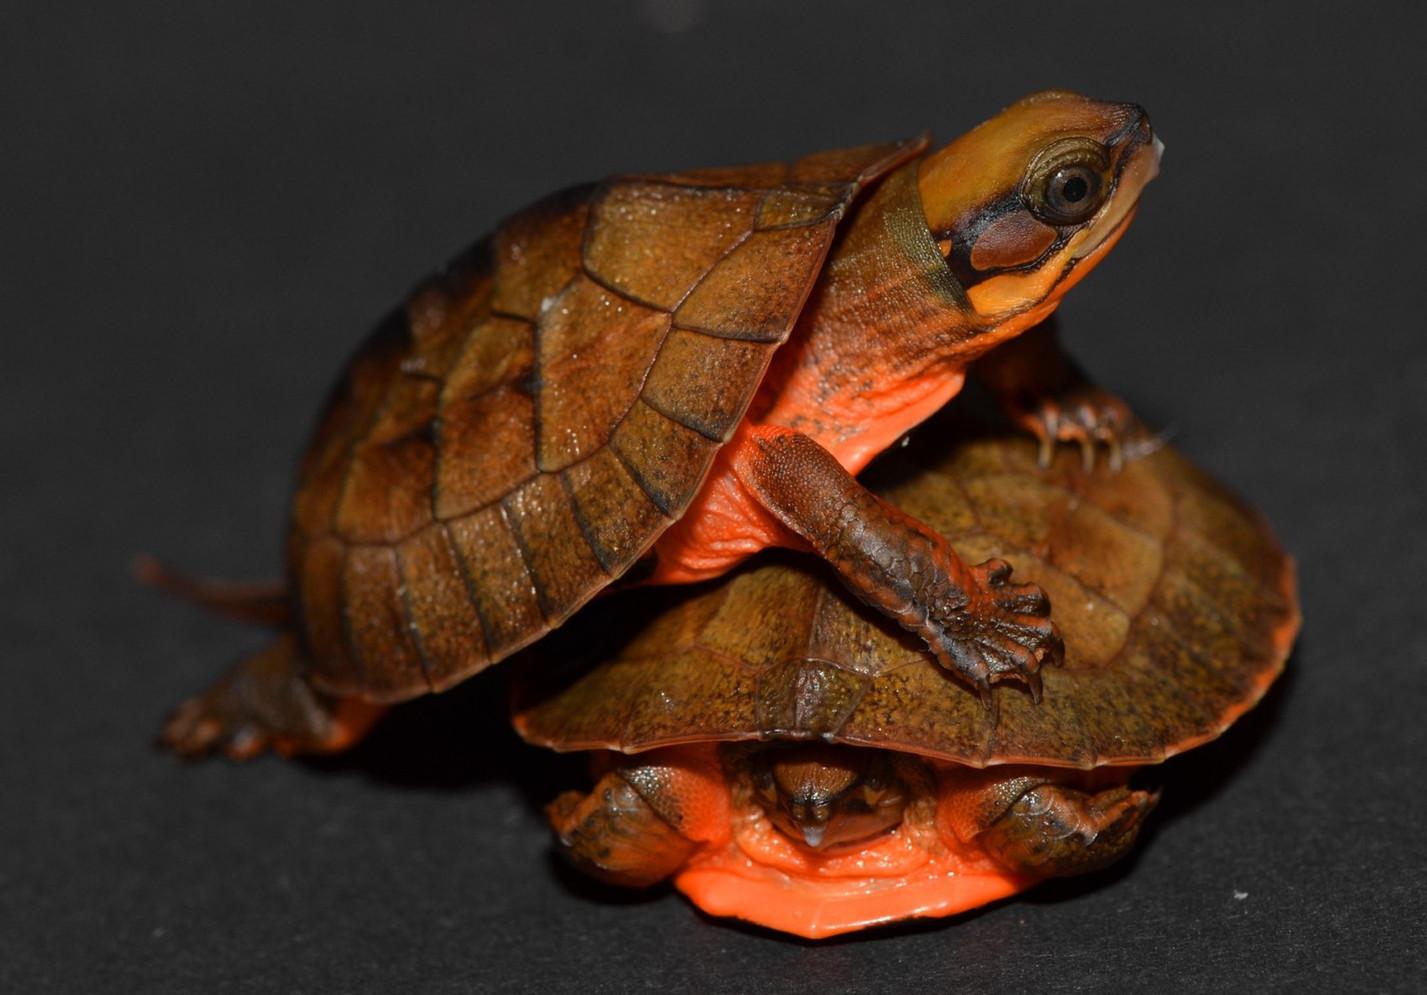 C.c.annamitica hatchlings